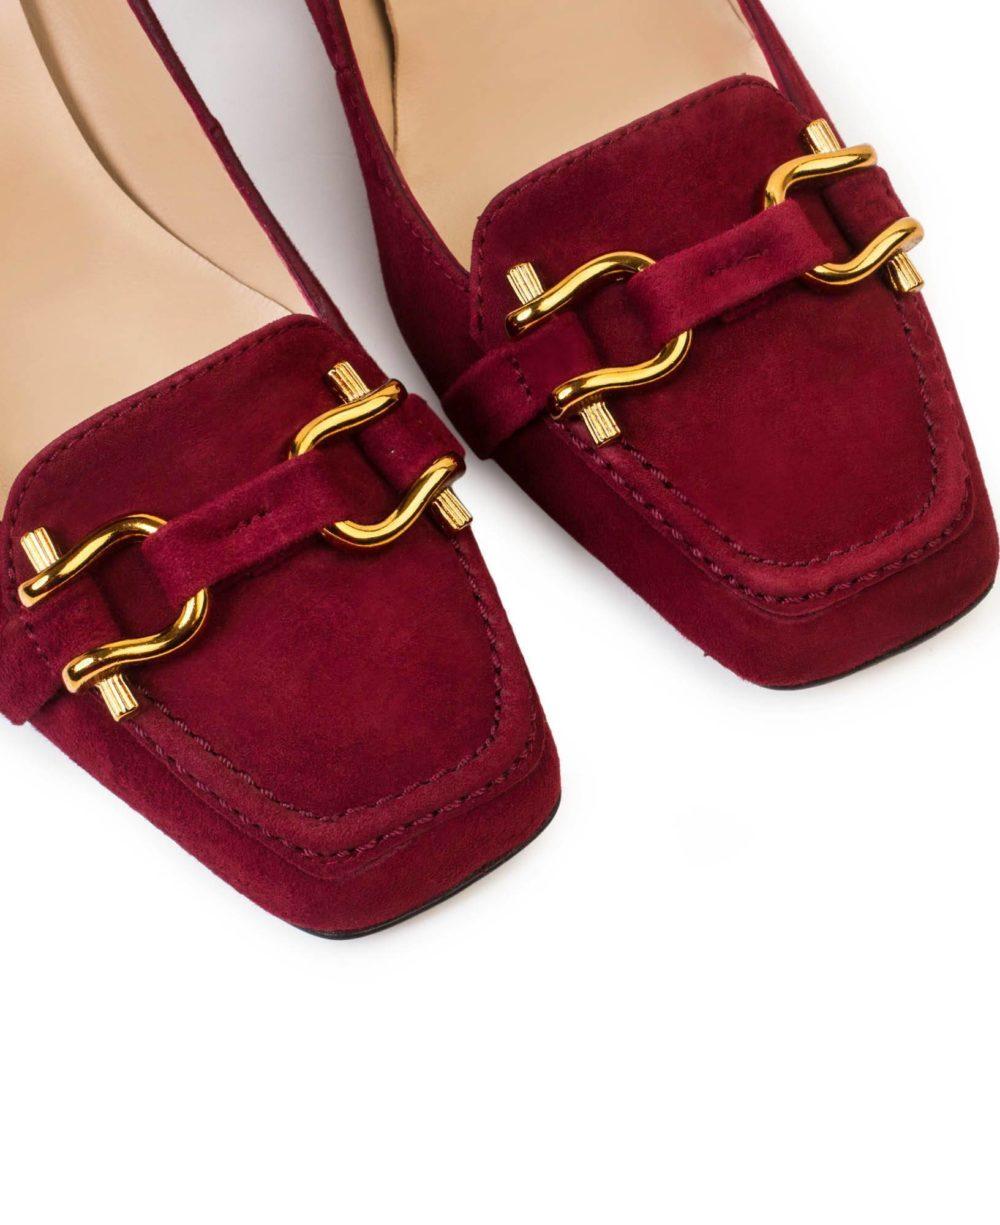 Zapatos de piel Paco Gil -P-3871 Wine Suede Detalle